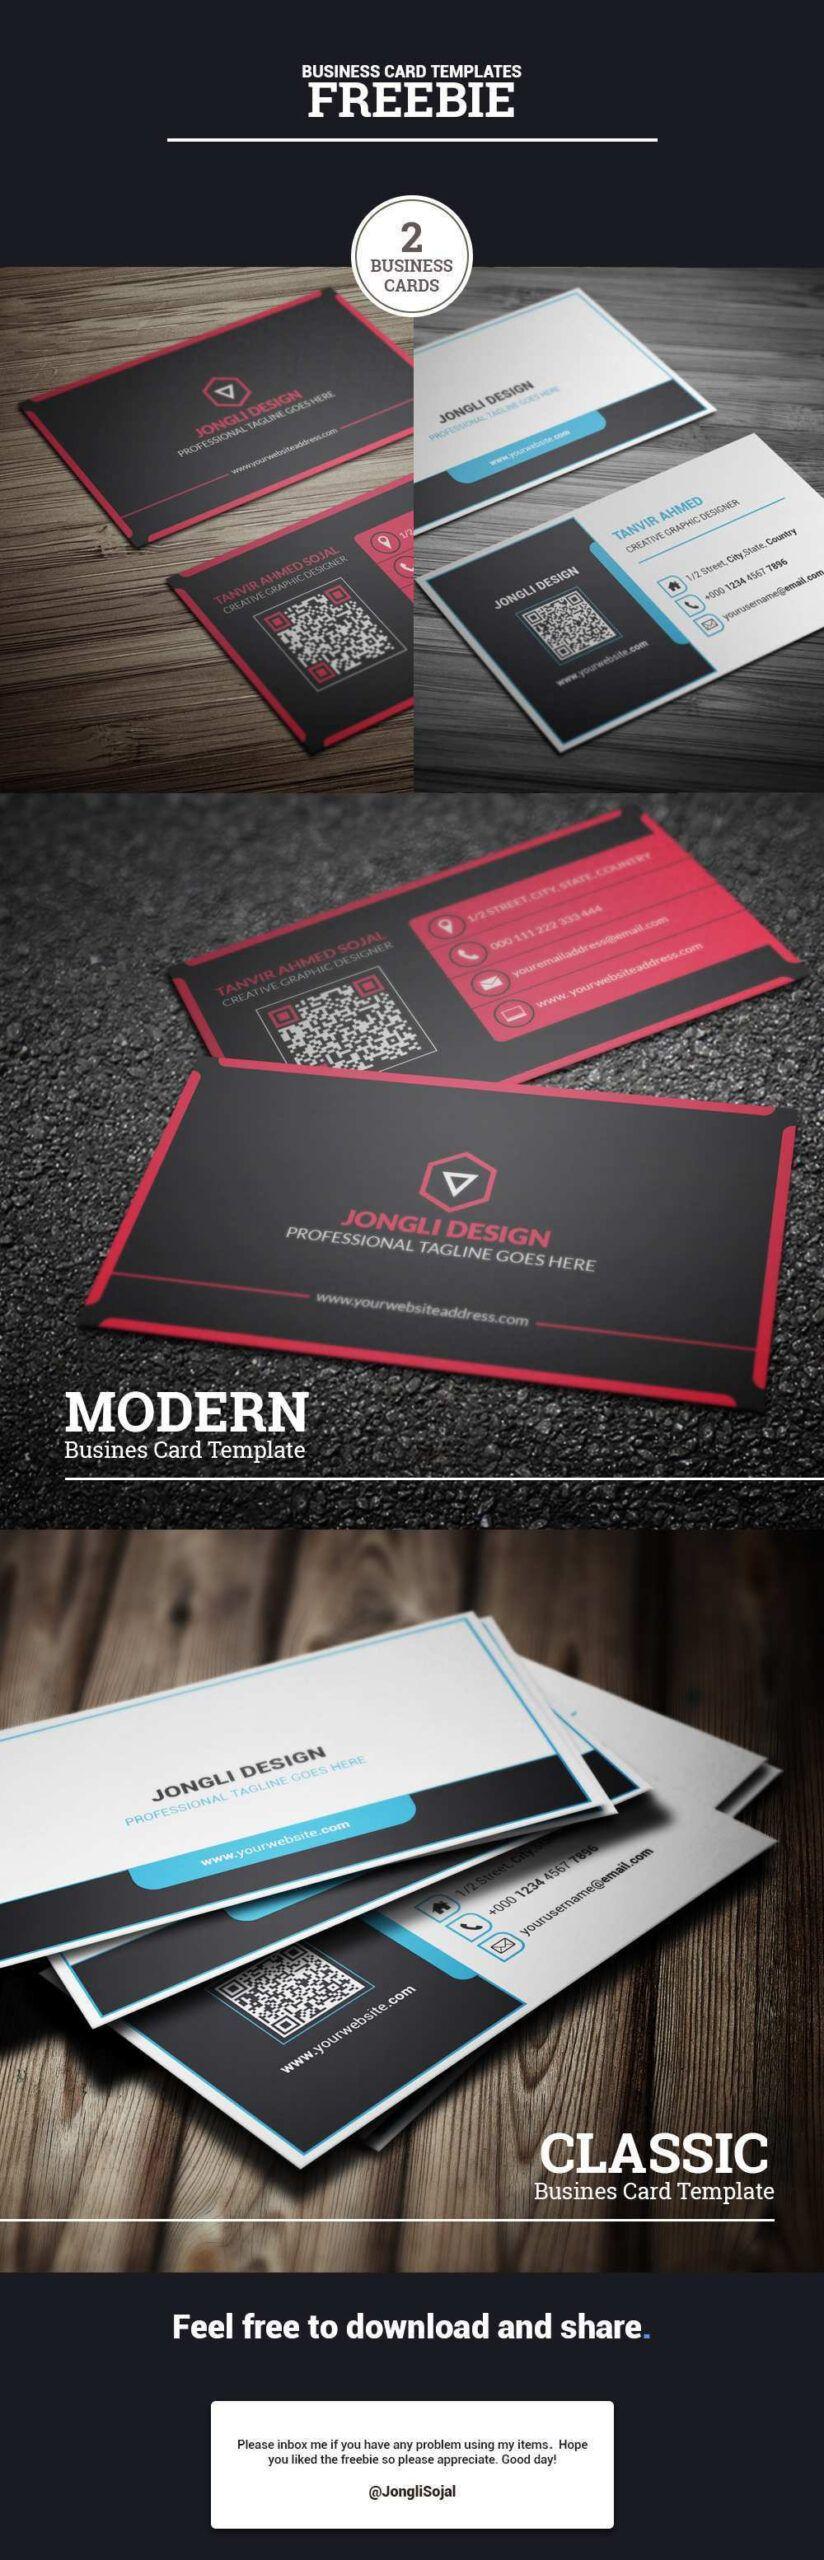 29 Info Gartner Business Card Template 61797 Download 2019 2020 With Regard To G Free Business Card Templates Business Card Templates Download Template Freebie